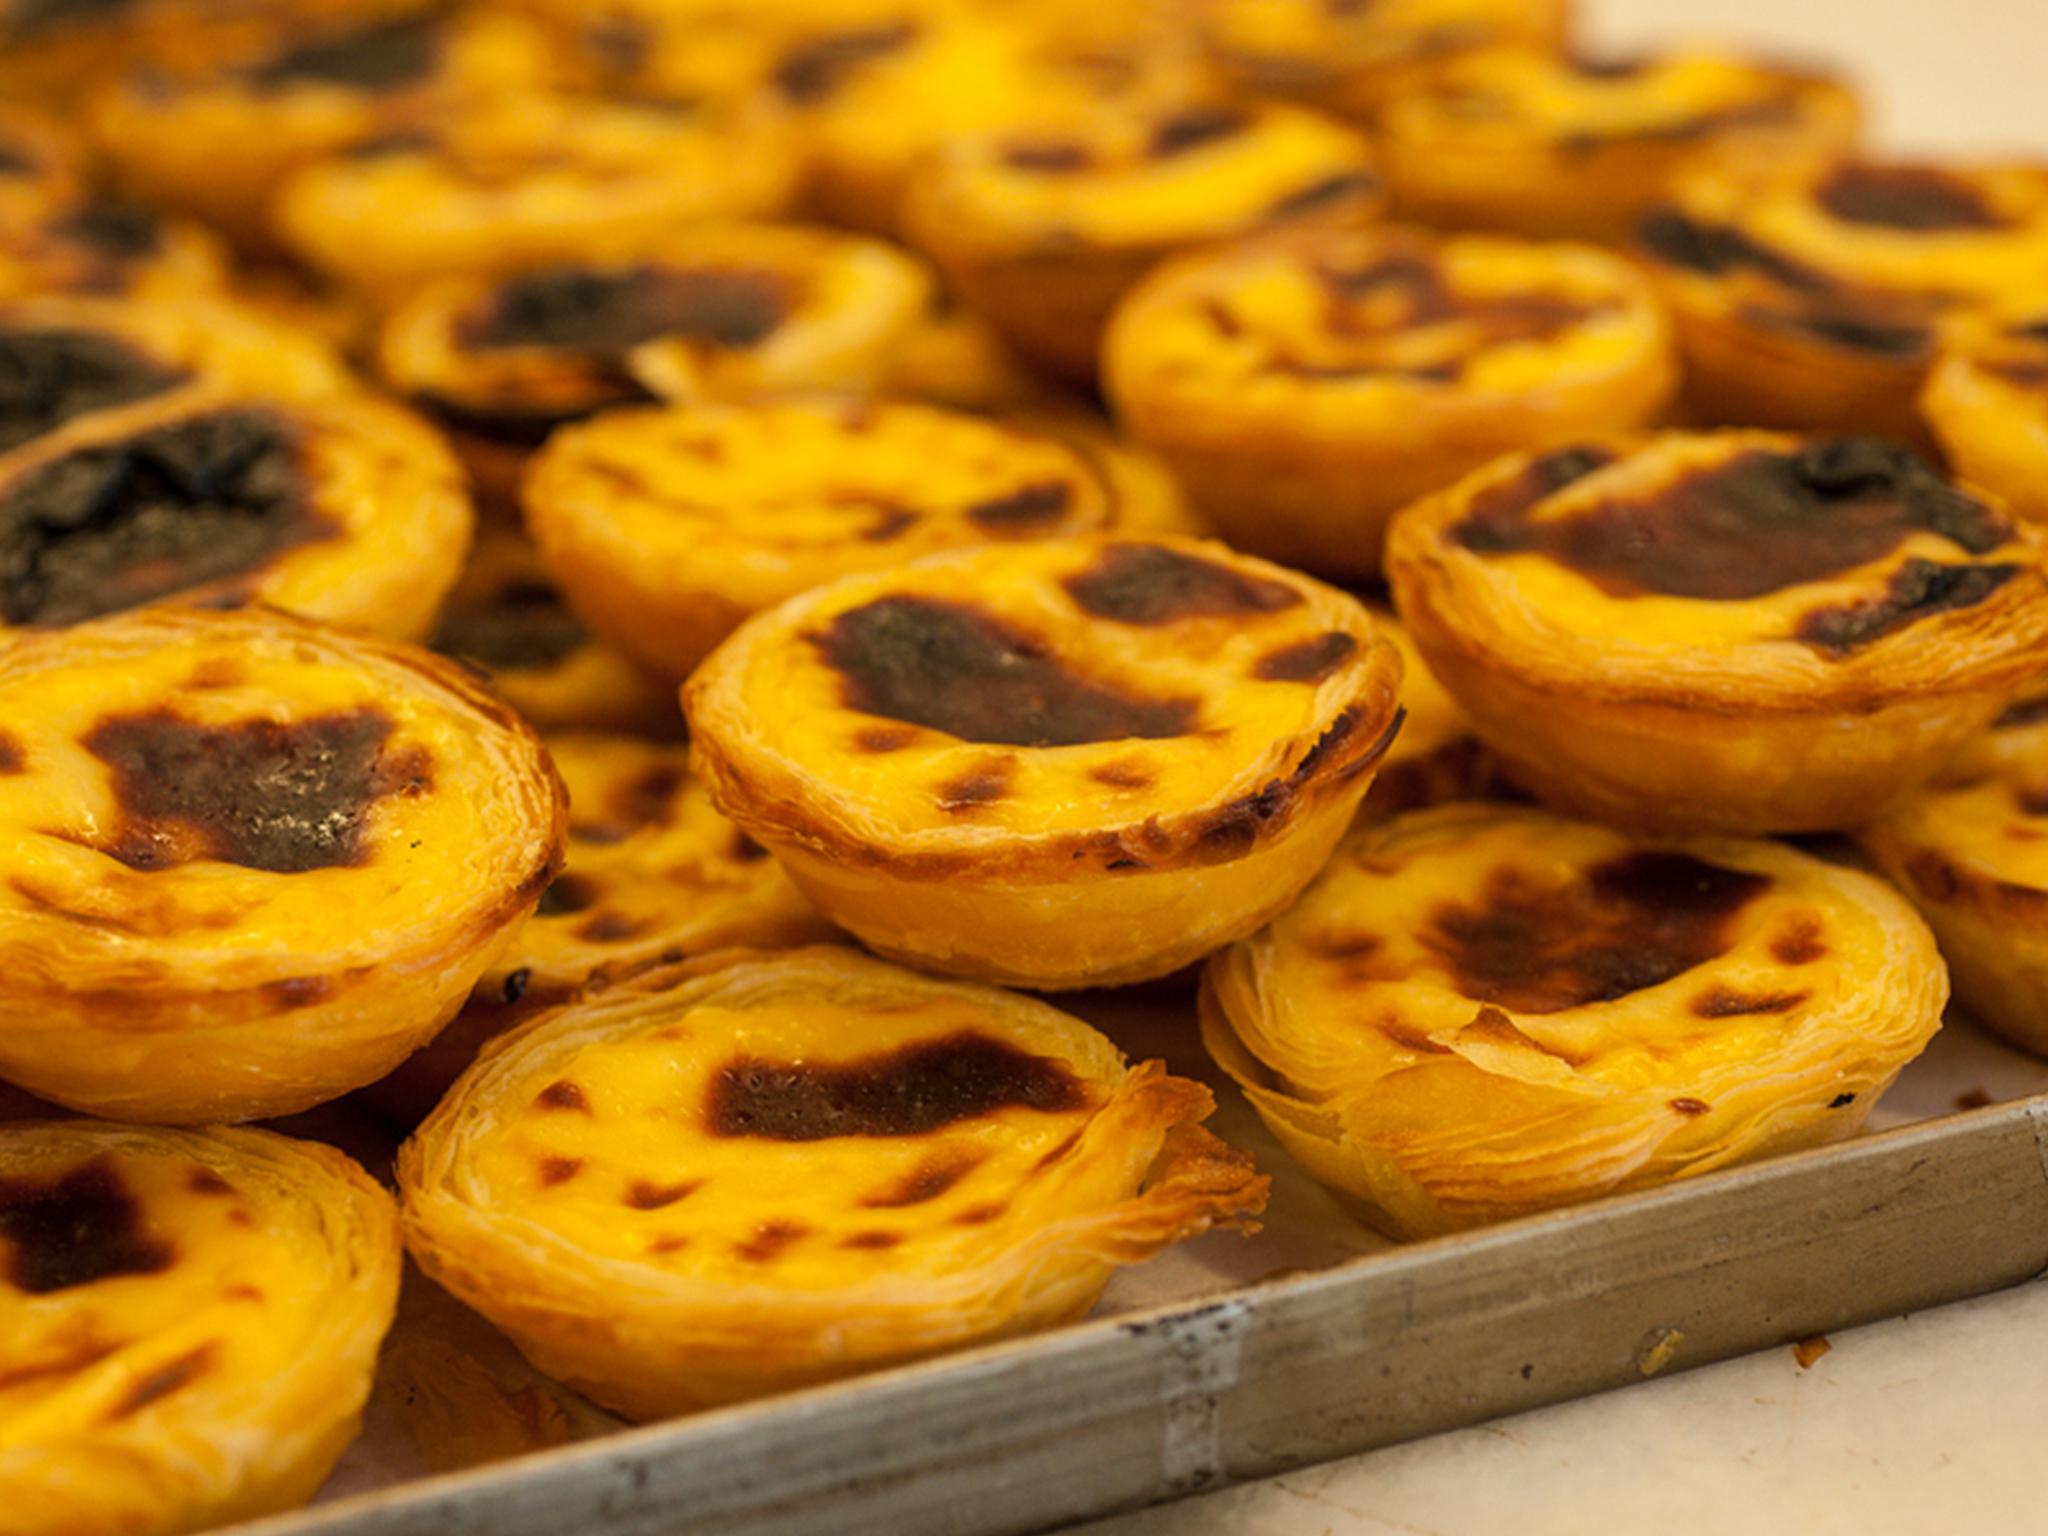 Manteigaria - Pasteis de Nata